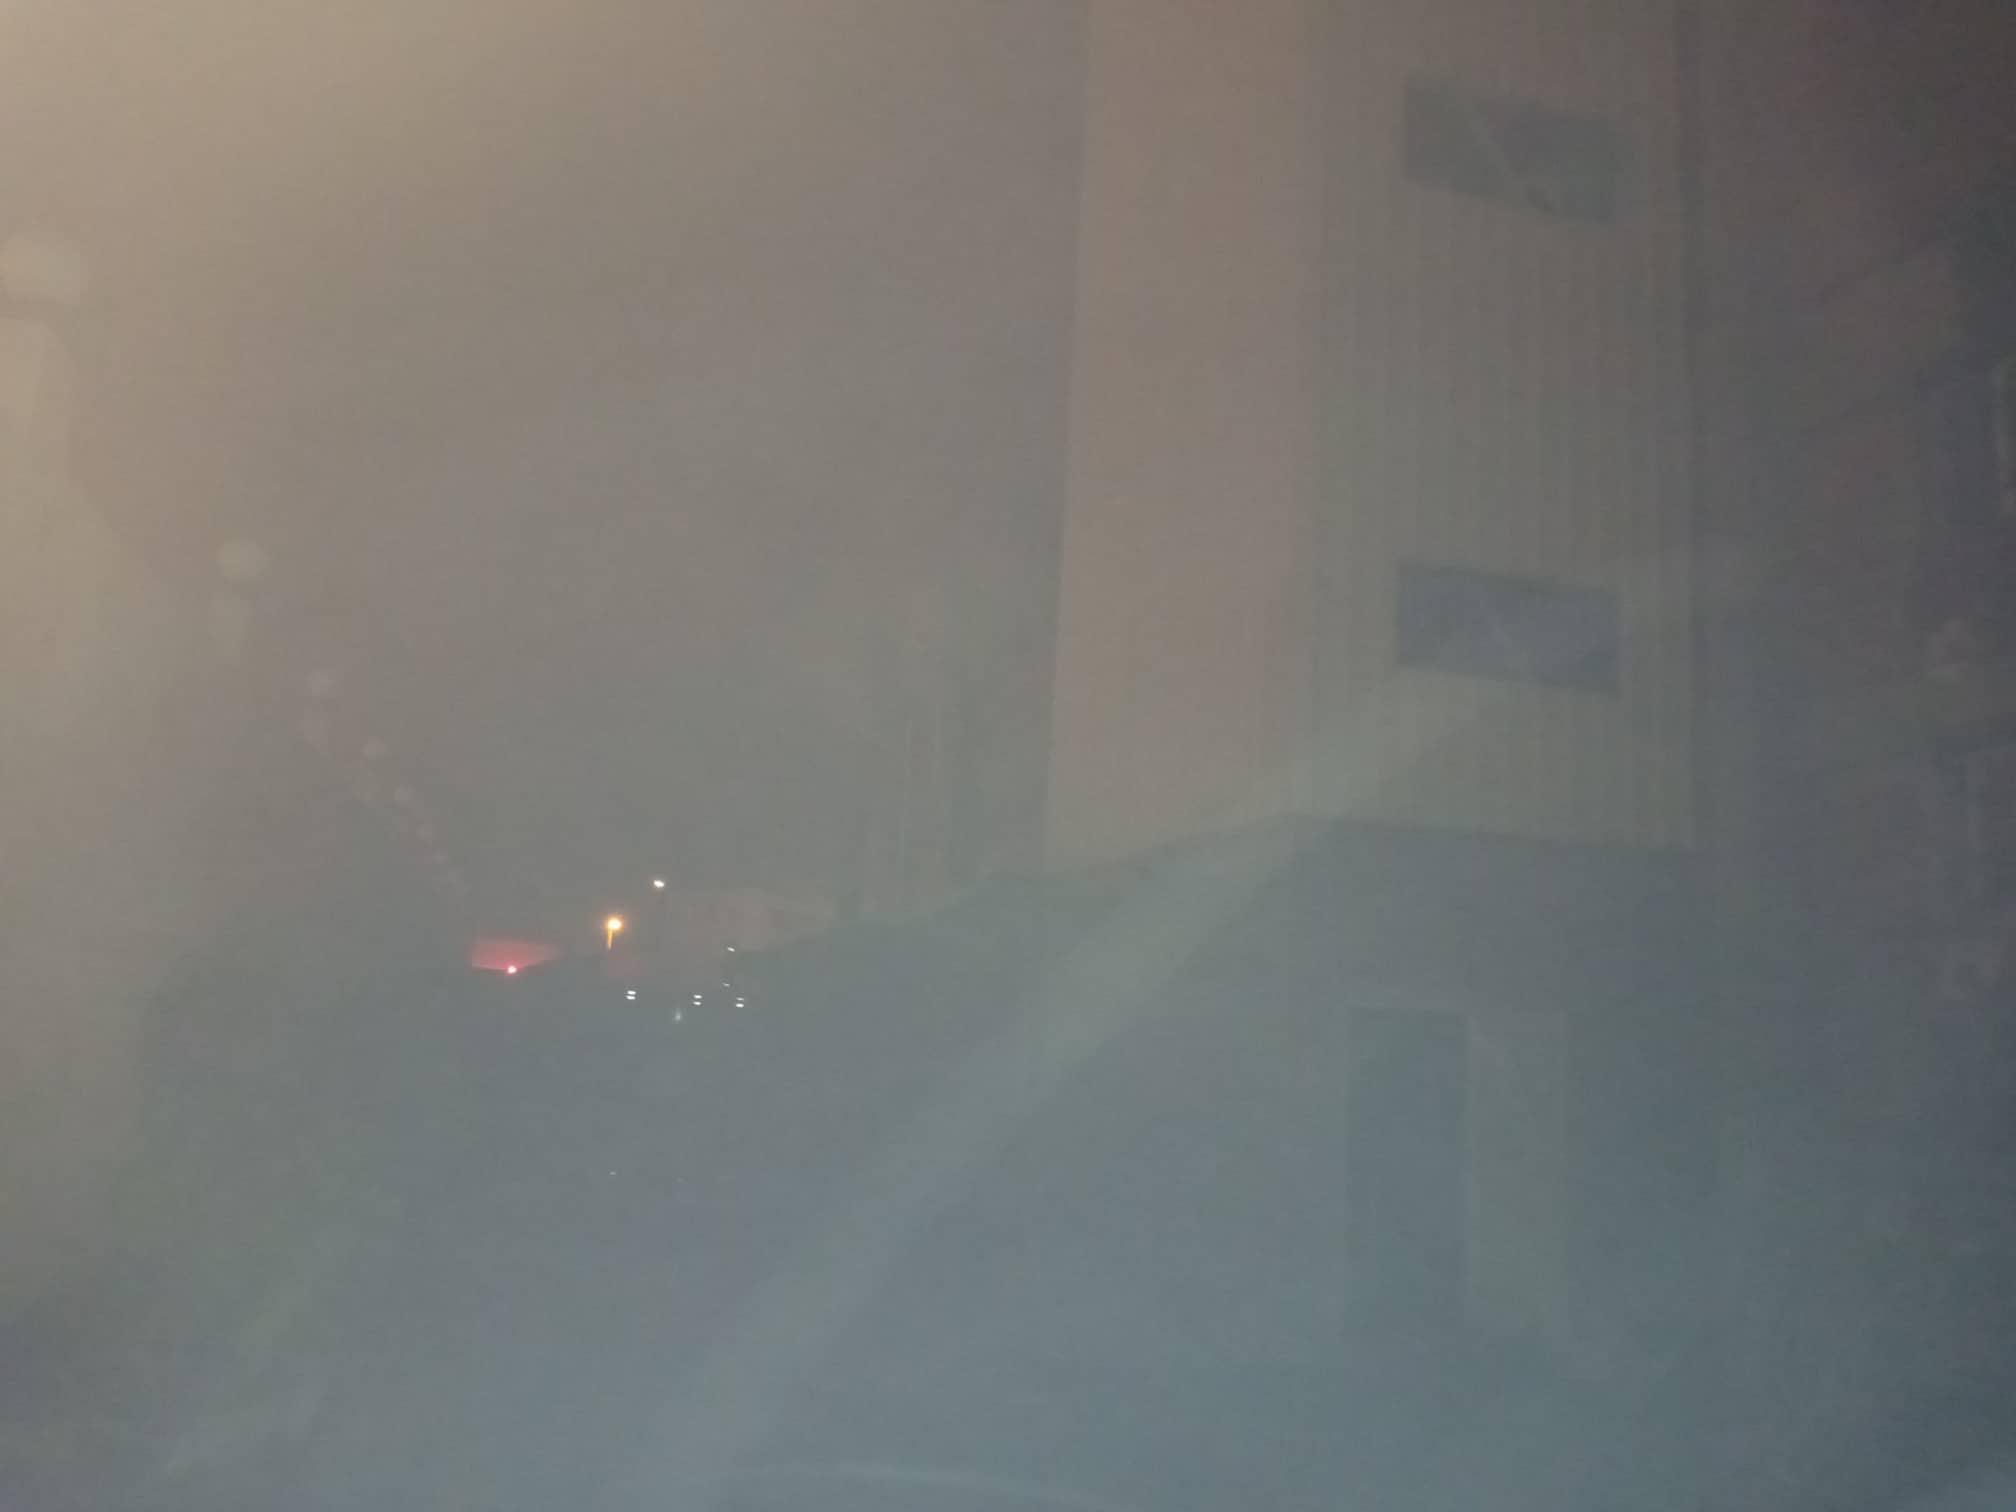 12 سيارة إطفاء للسيطرة على حريق بمصنع أدوات كهربائية بالعاشر من رمضان (3)